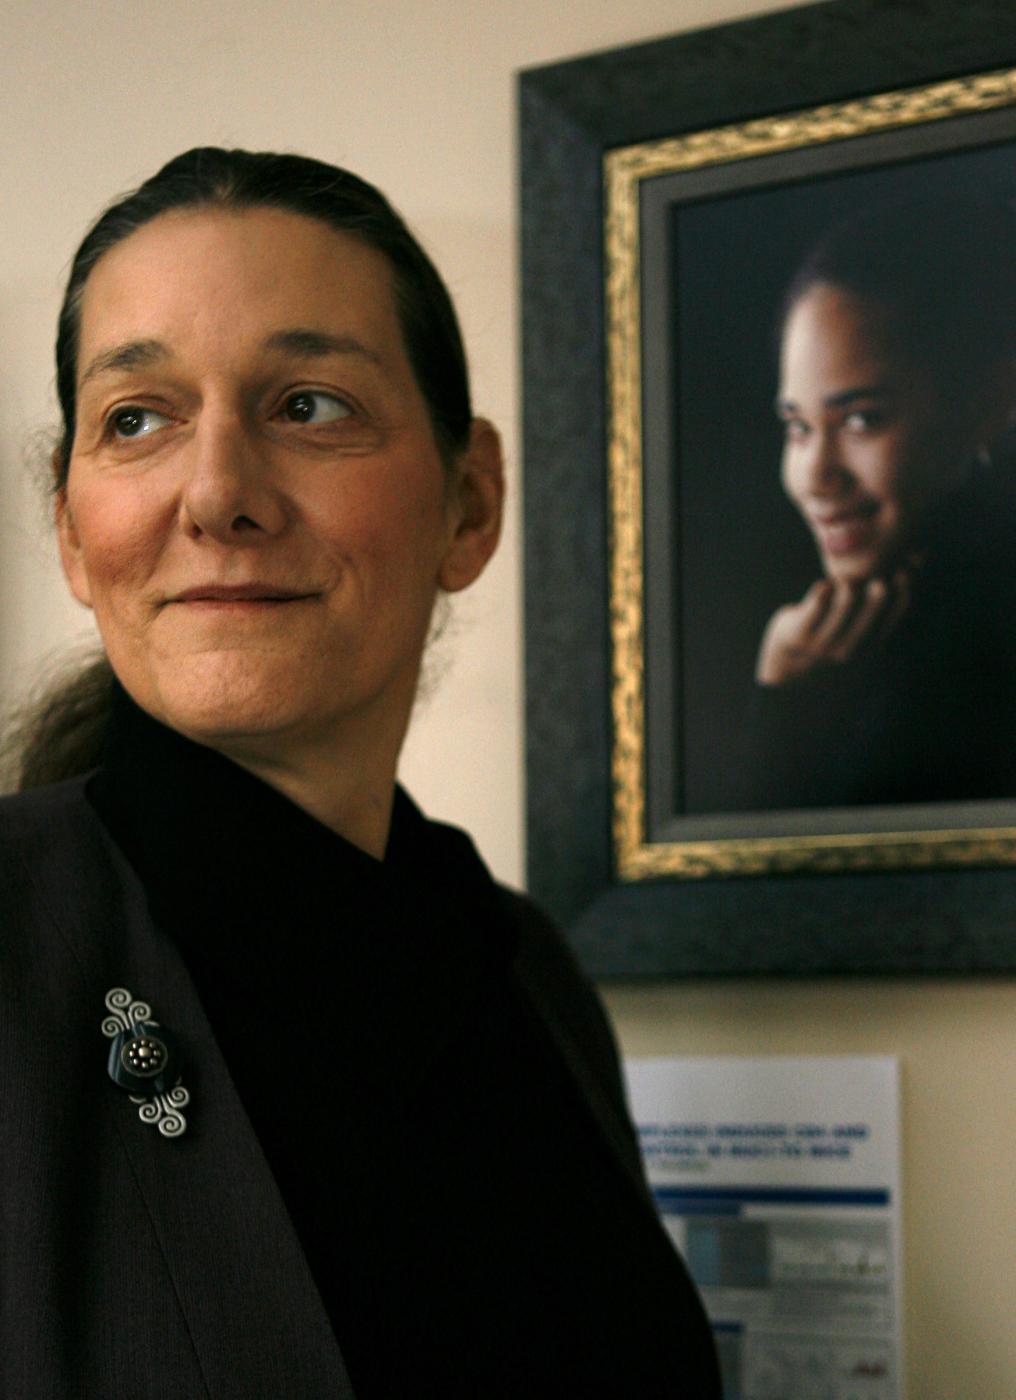 Martine Rothblatt, transessuale: è lei la donna d'affari più pagata negli USA